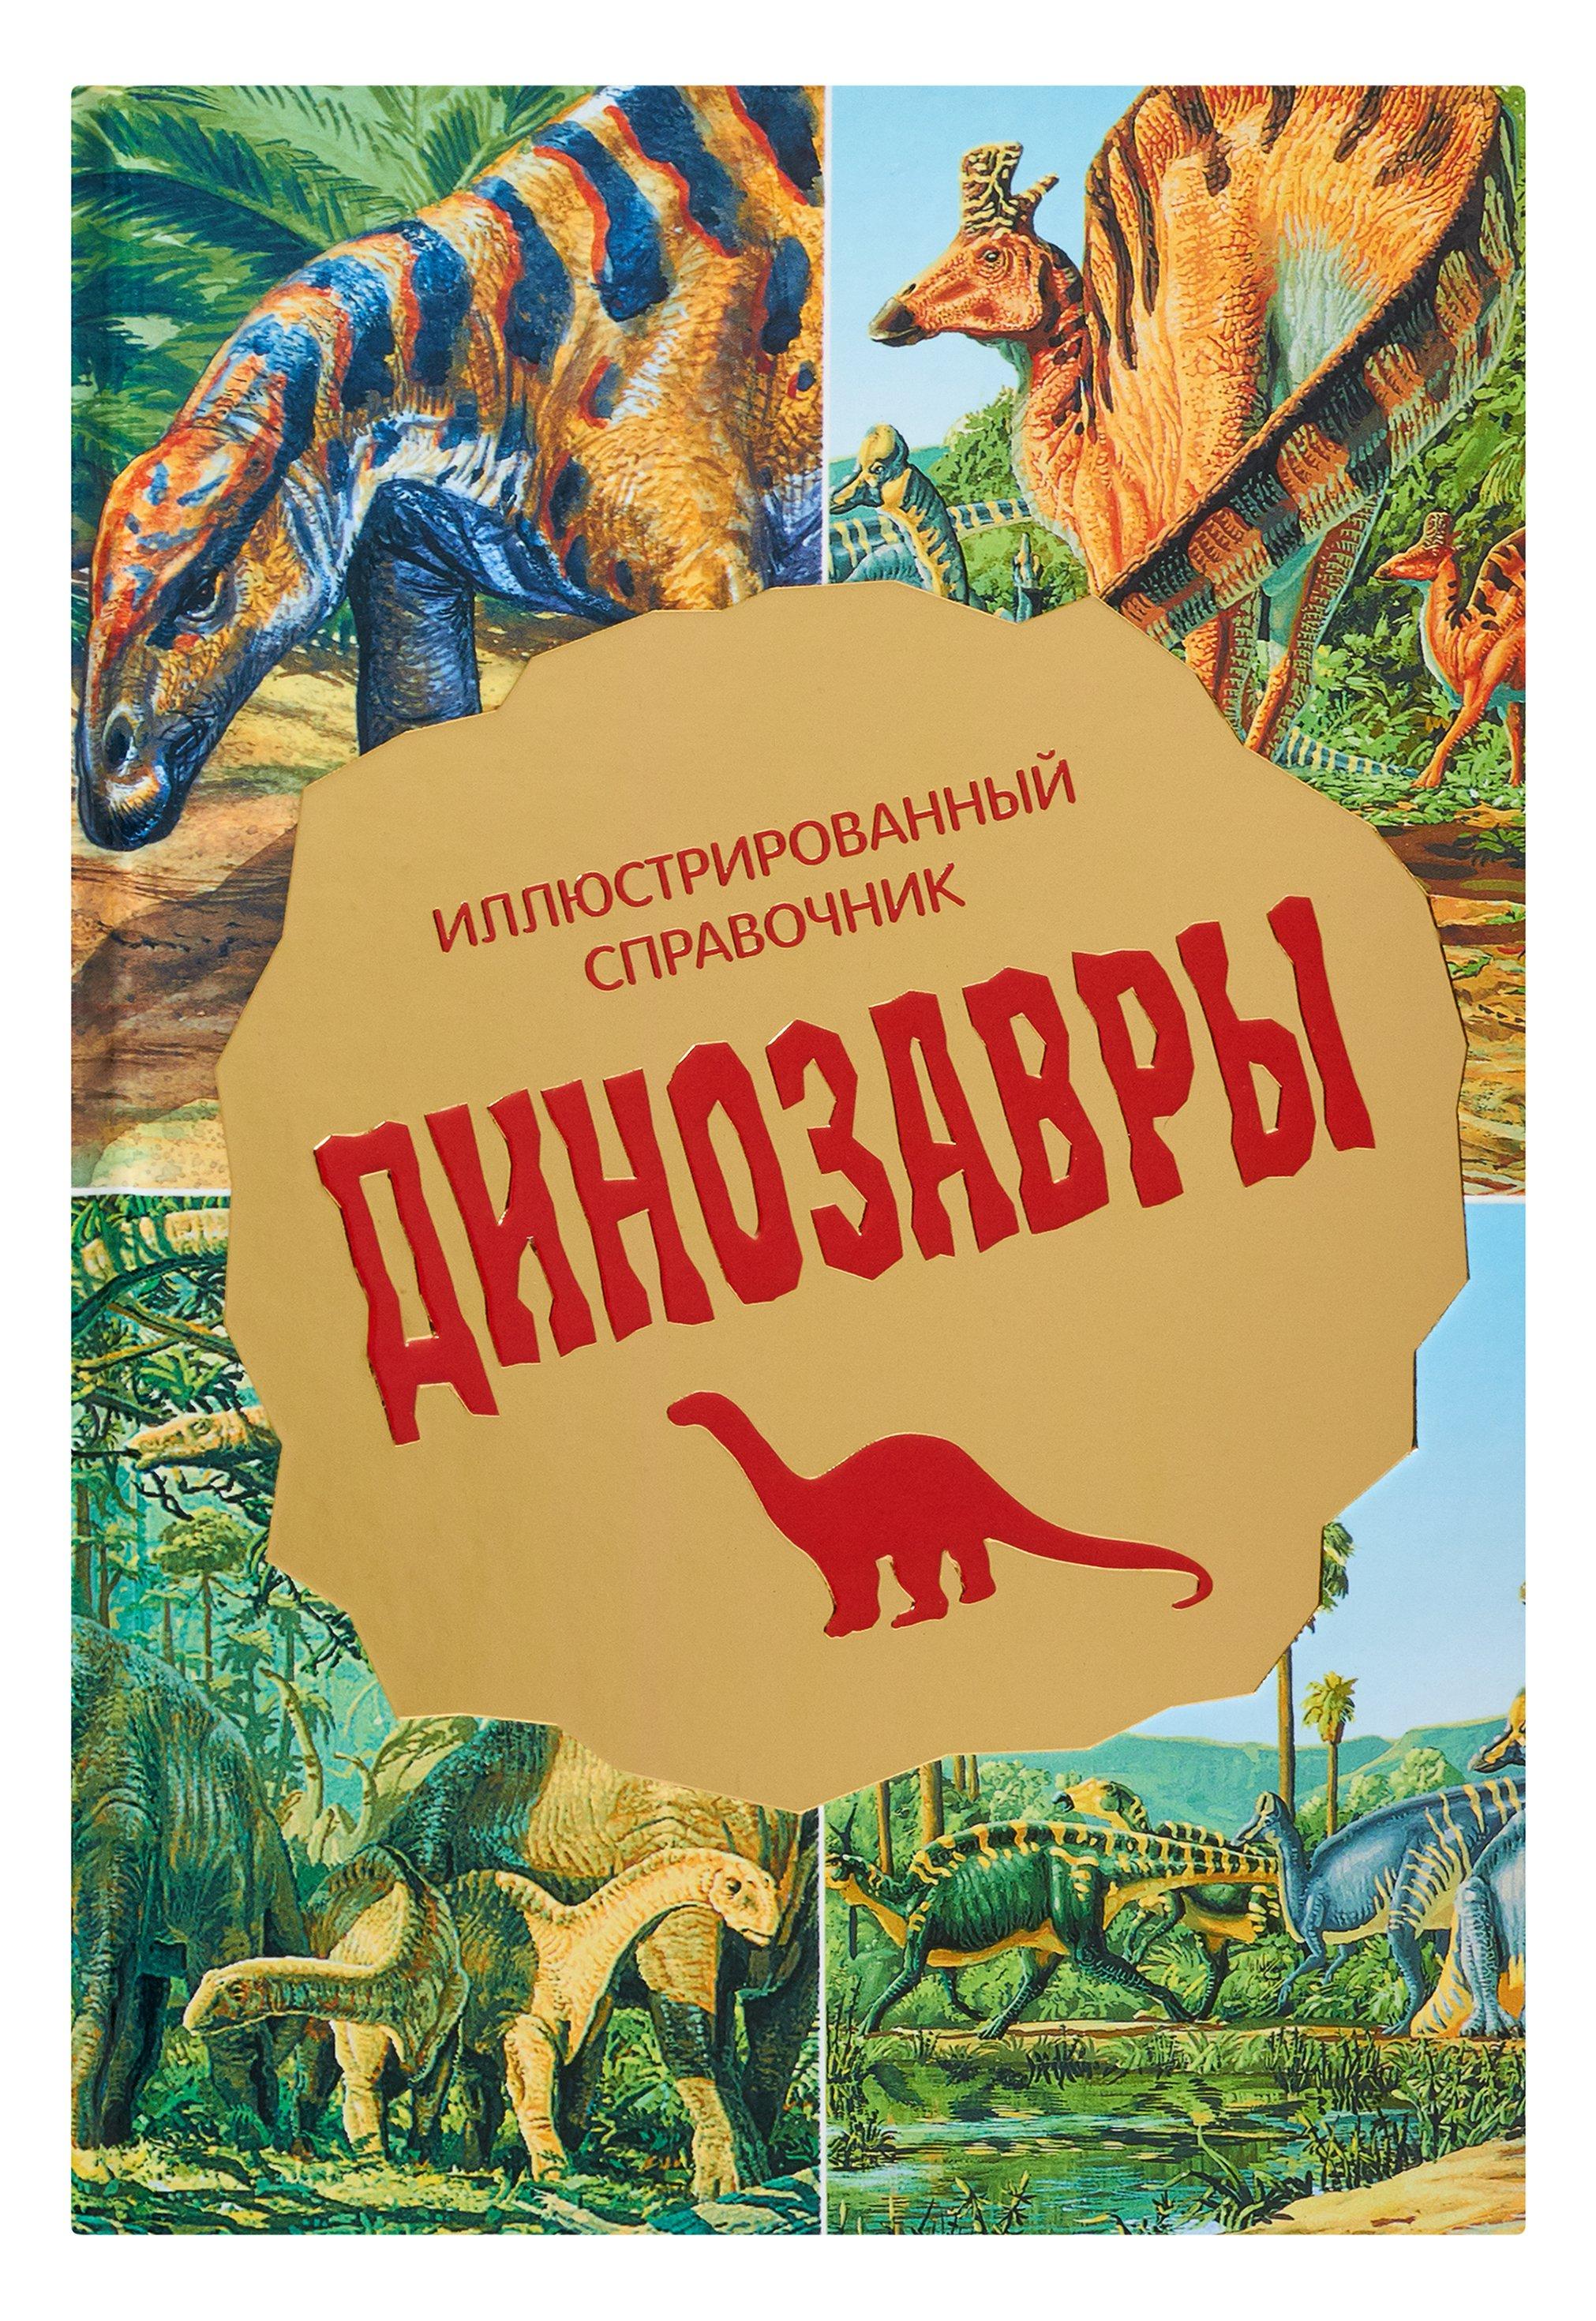 Динозавры. Иллюстрированный справочник ( Львова Ирина Сергеевна  )